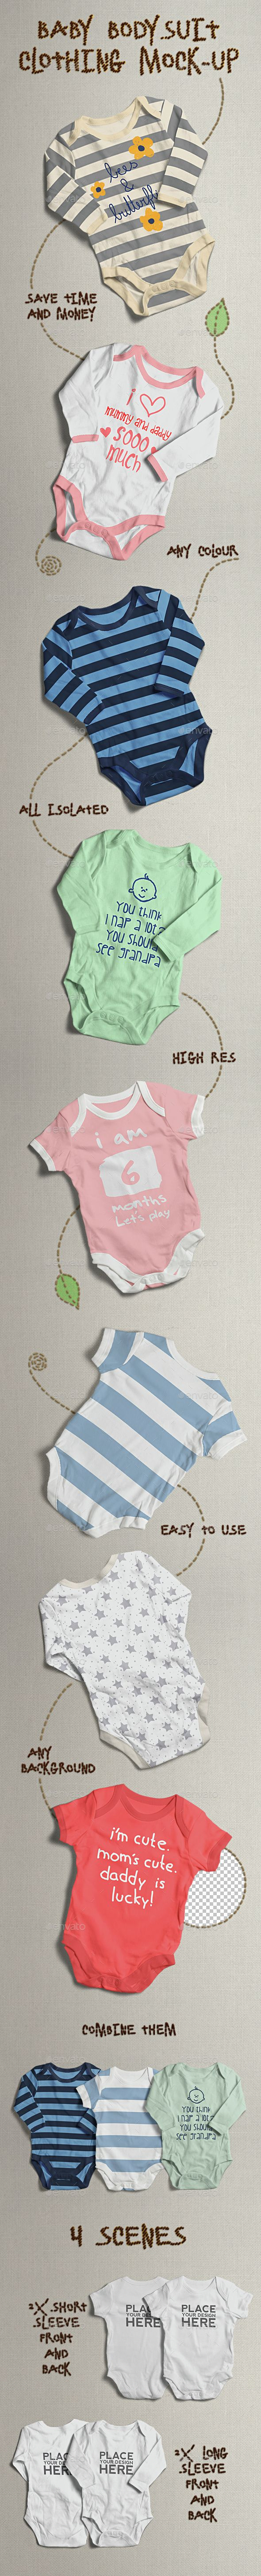 Baby Bodysuit Clothing Mock Up Mock Up